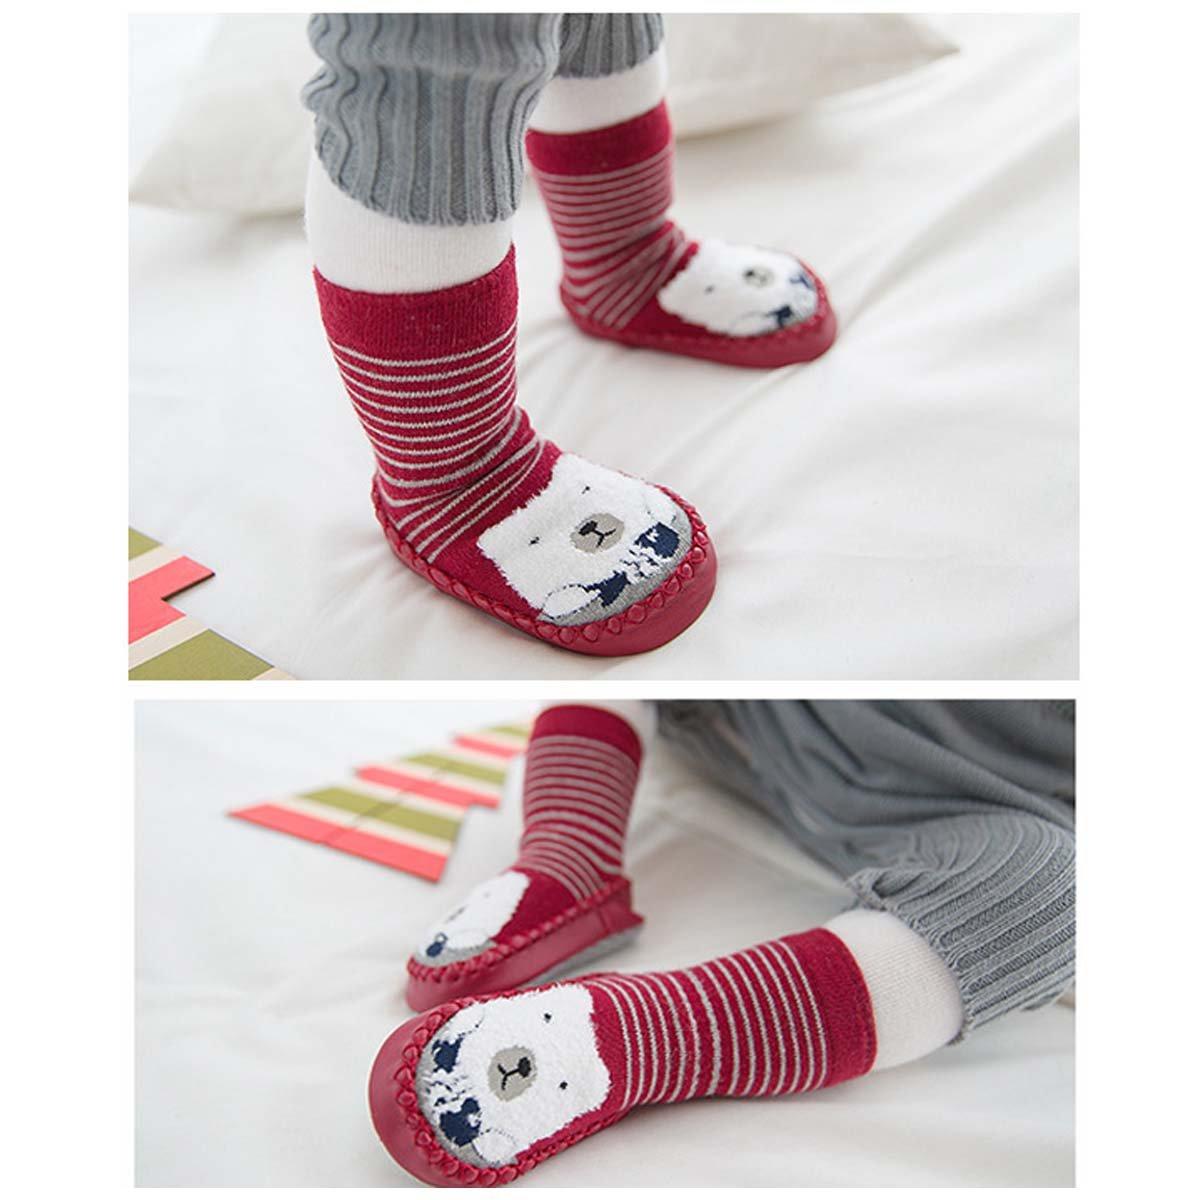 FYGOOD Lot de 3 Paires Pantoufles Chaussettes Anti-d/érapantes Chaussons Premier Pas B/éb/é Unisex gris-pingouin rouge-lapin bleu XS 0-10mois//base 12cm